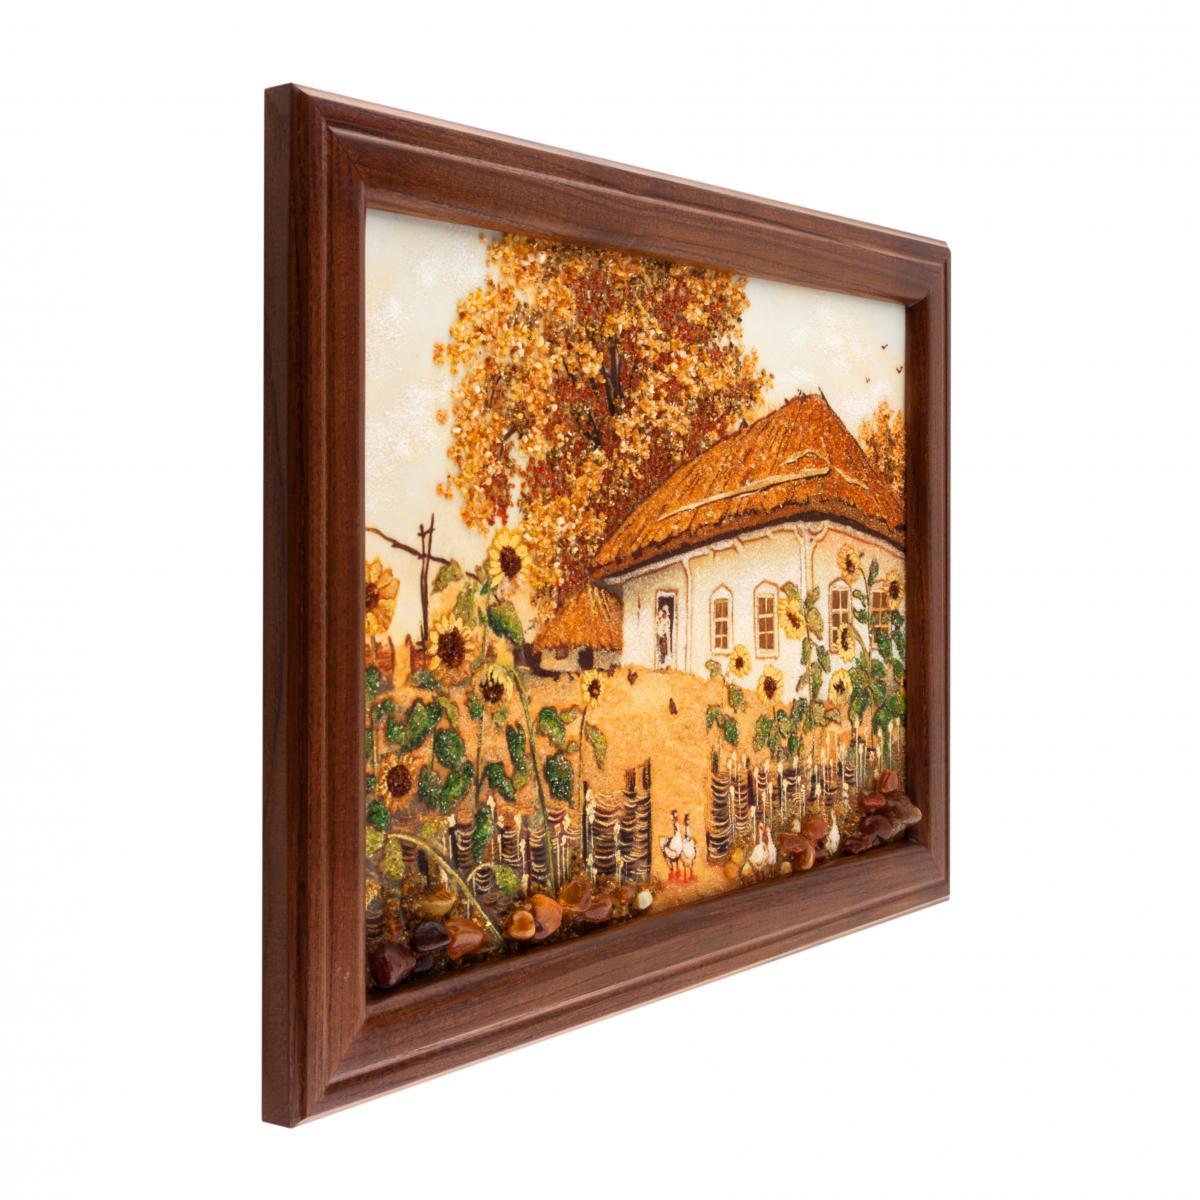 Картина из янтаря Украинский домик. Фото №2. | Народный дом Украина